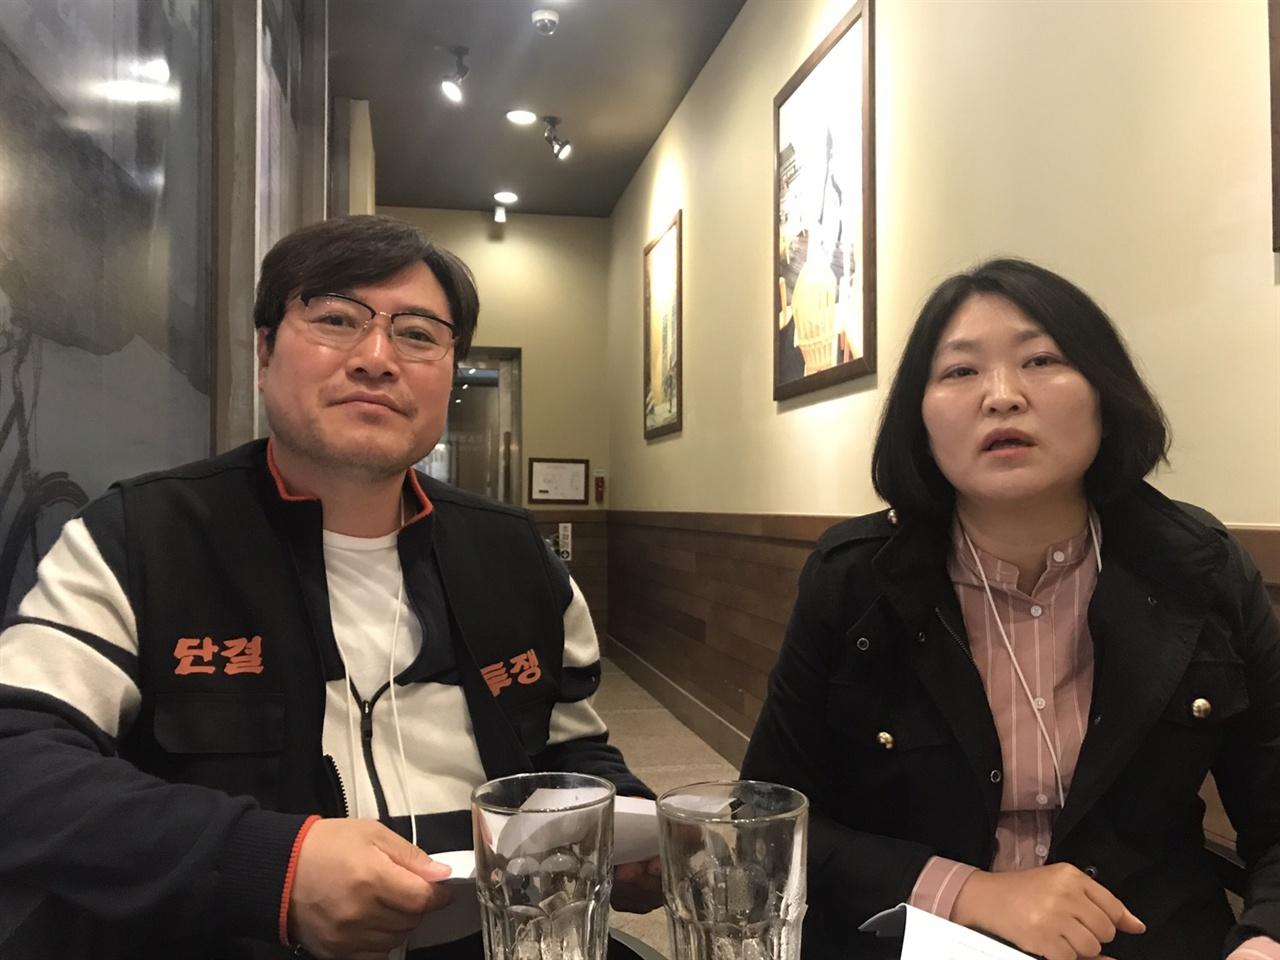 EBS 노조 이종풍 위원장(좌)과 박혜숙 사무국장(우)